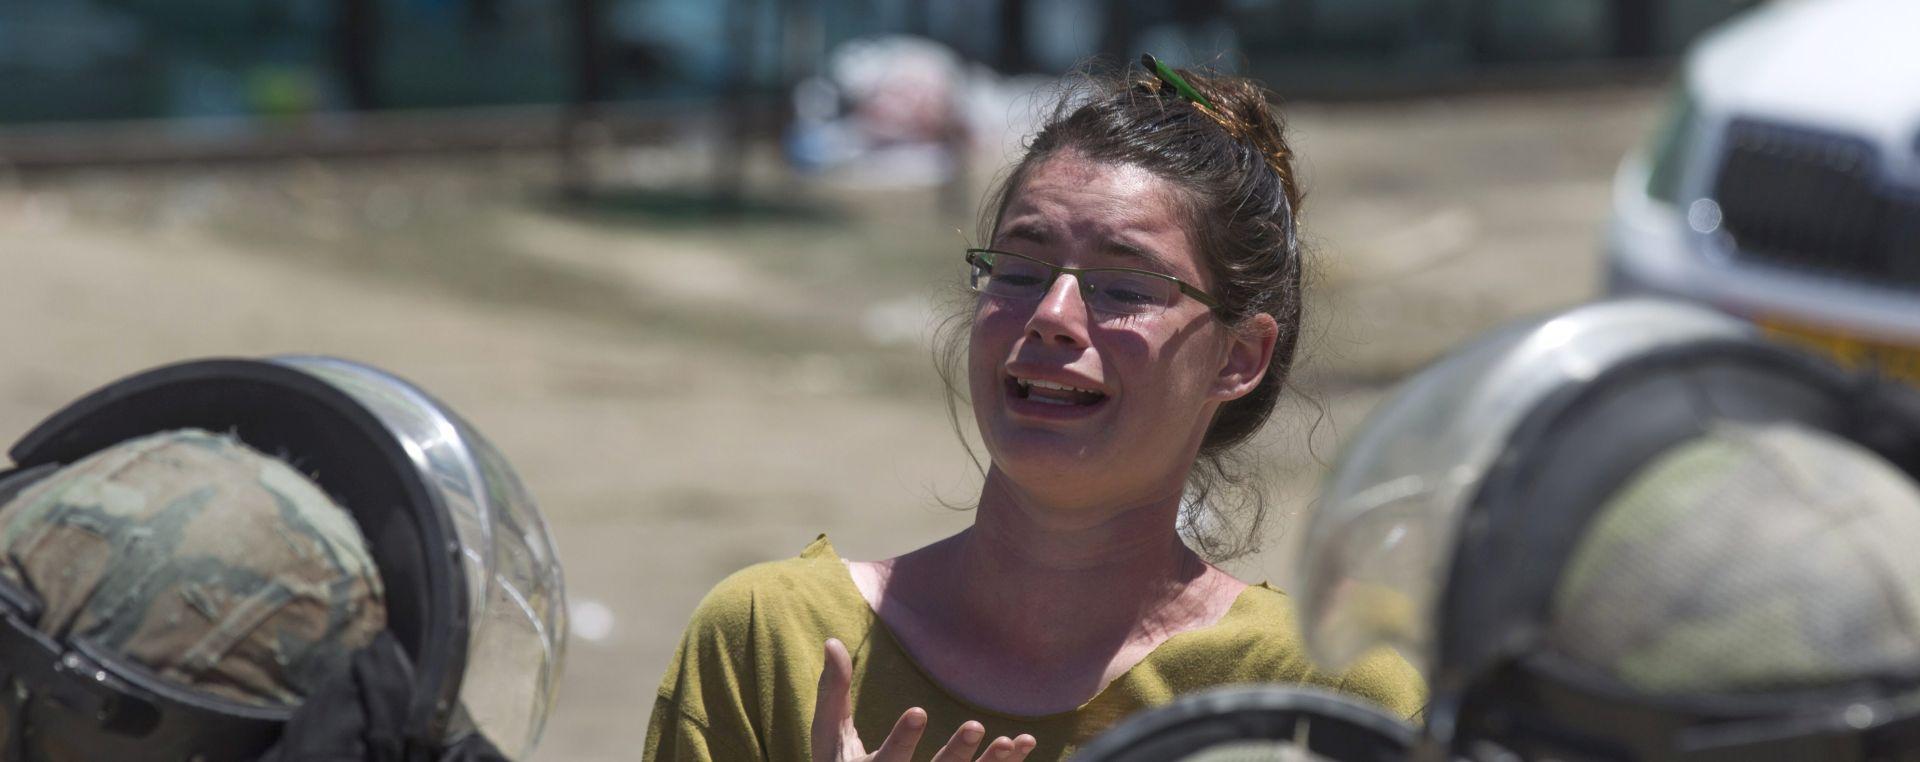 NOVIH TRISTO STANOVA: UN osudio izraelsku odluku o novoj gradnji na Zapadnoj obali